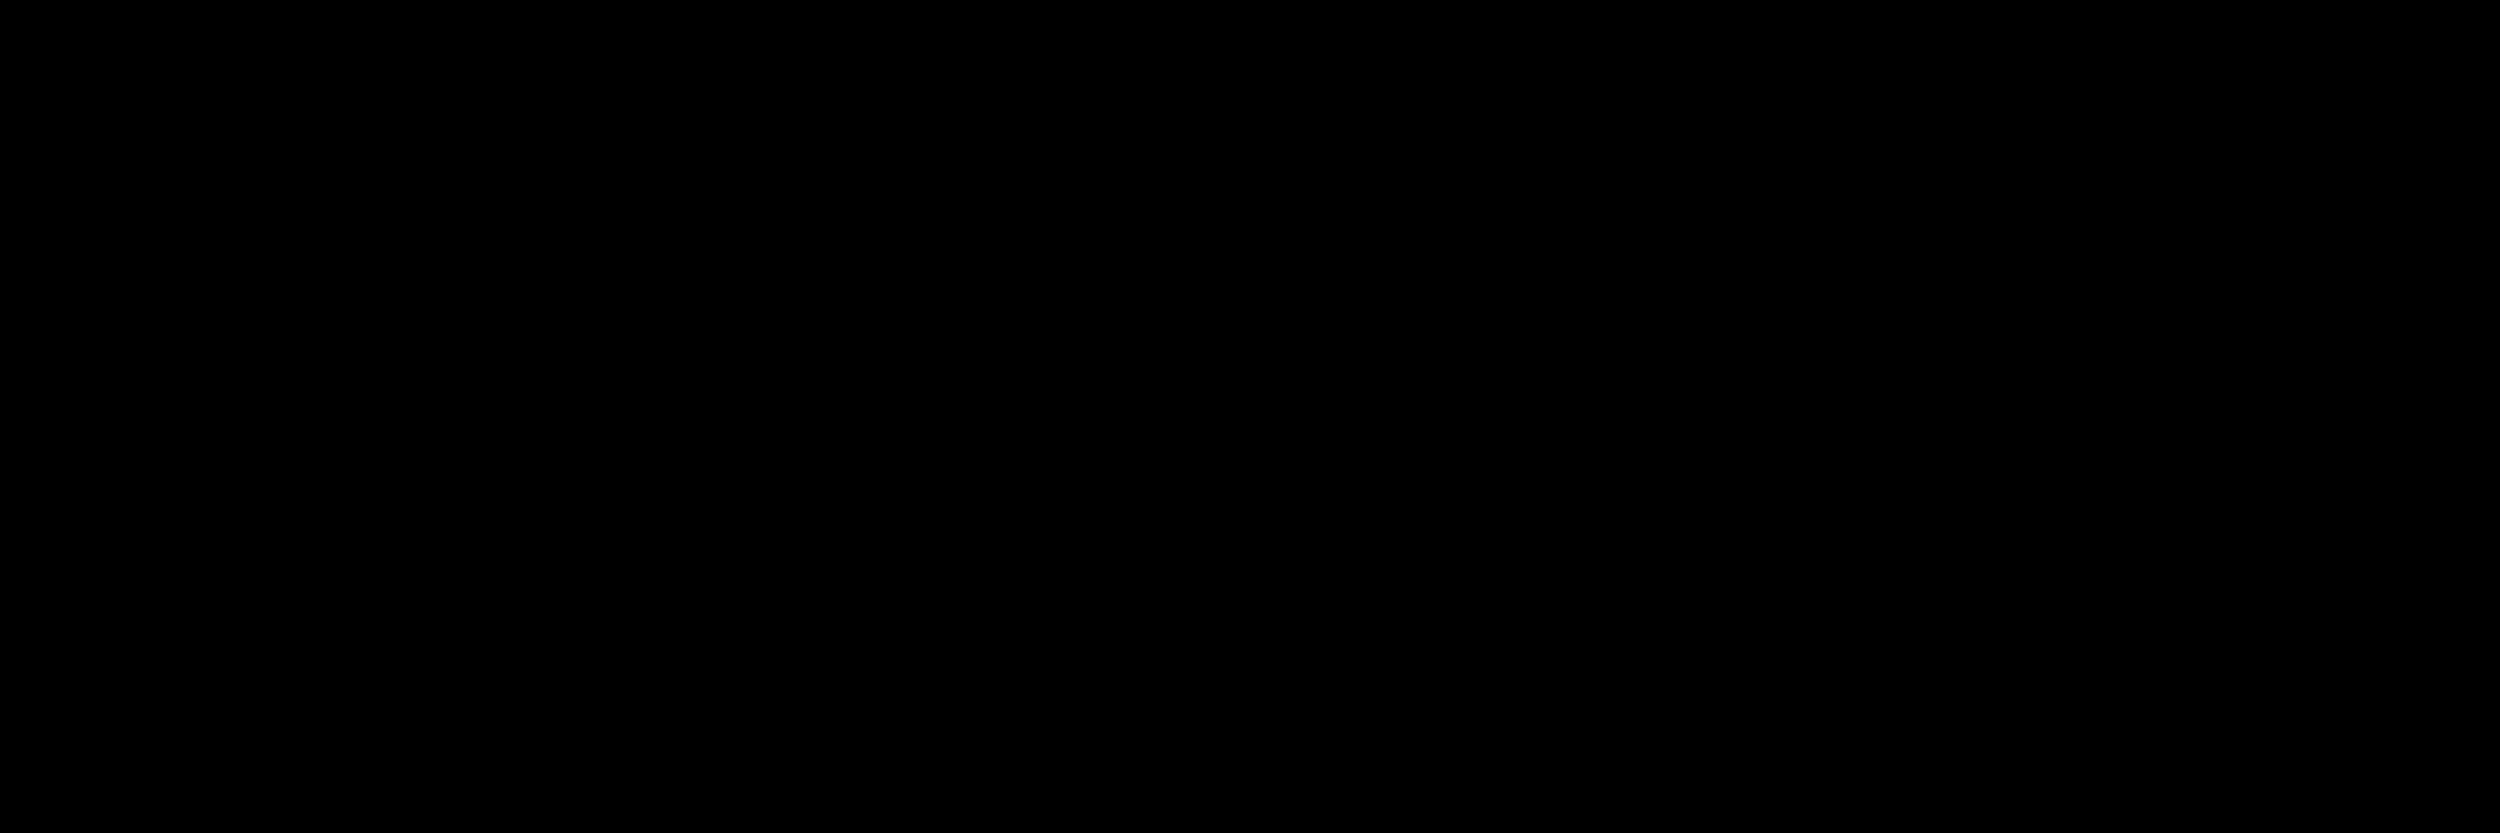 noun_249035.png